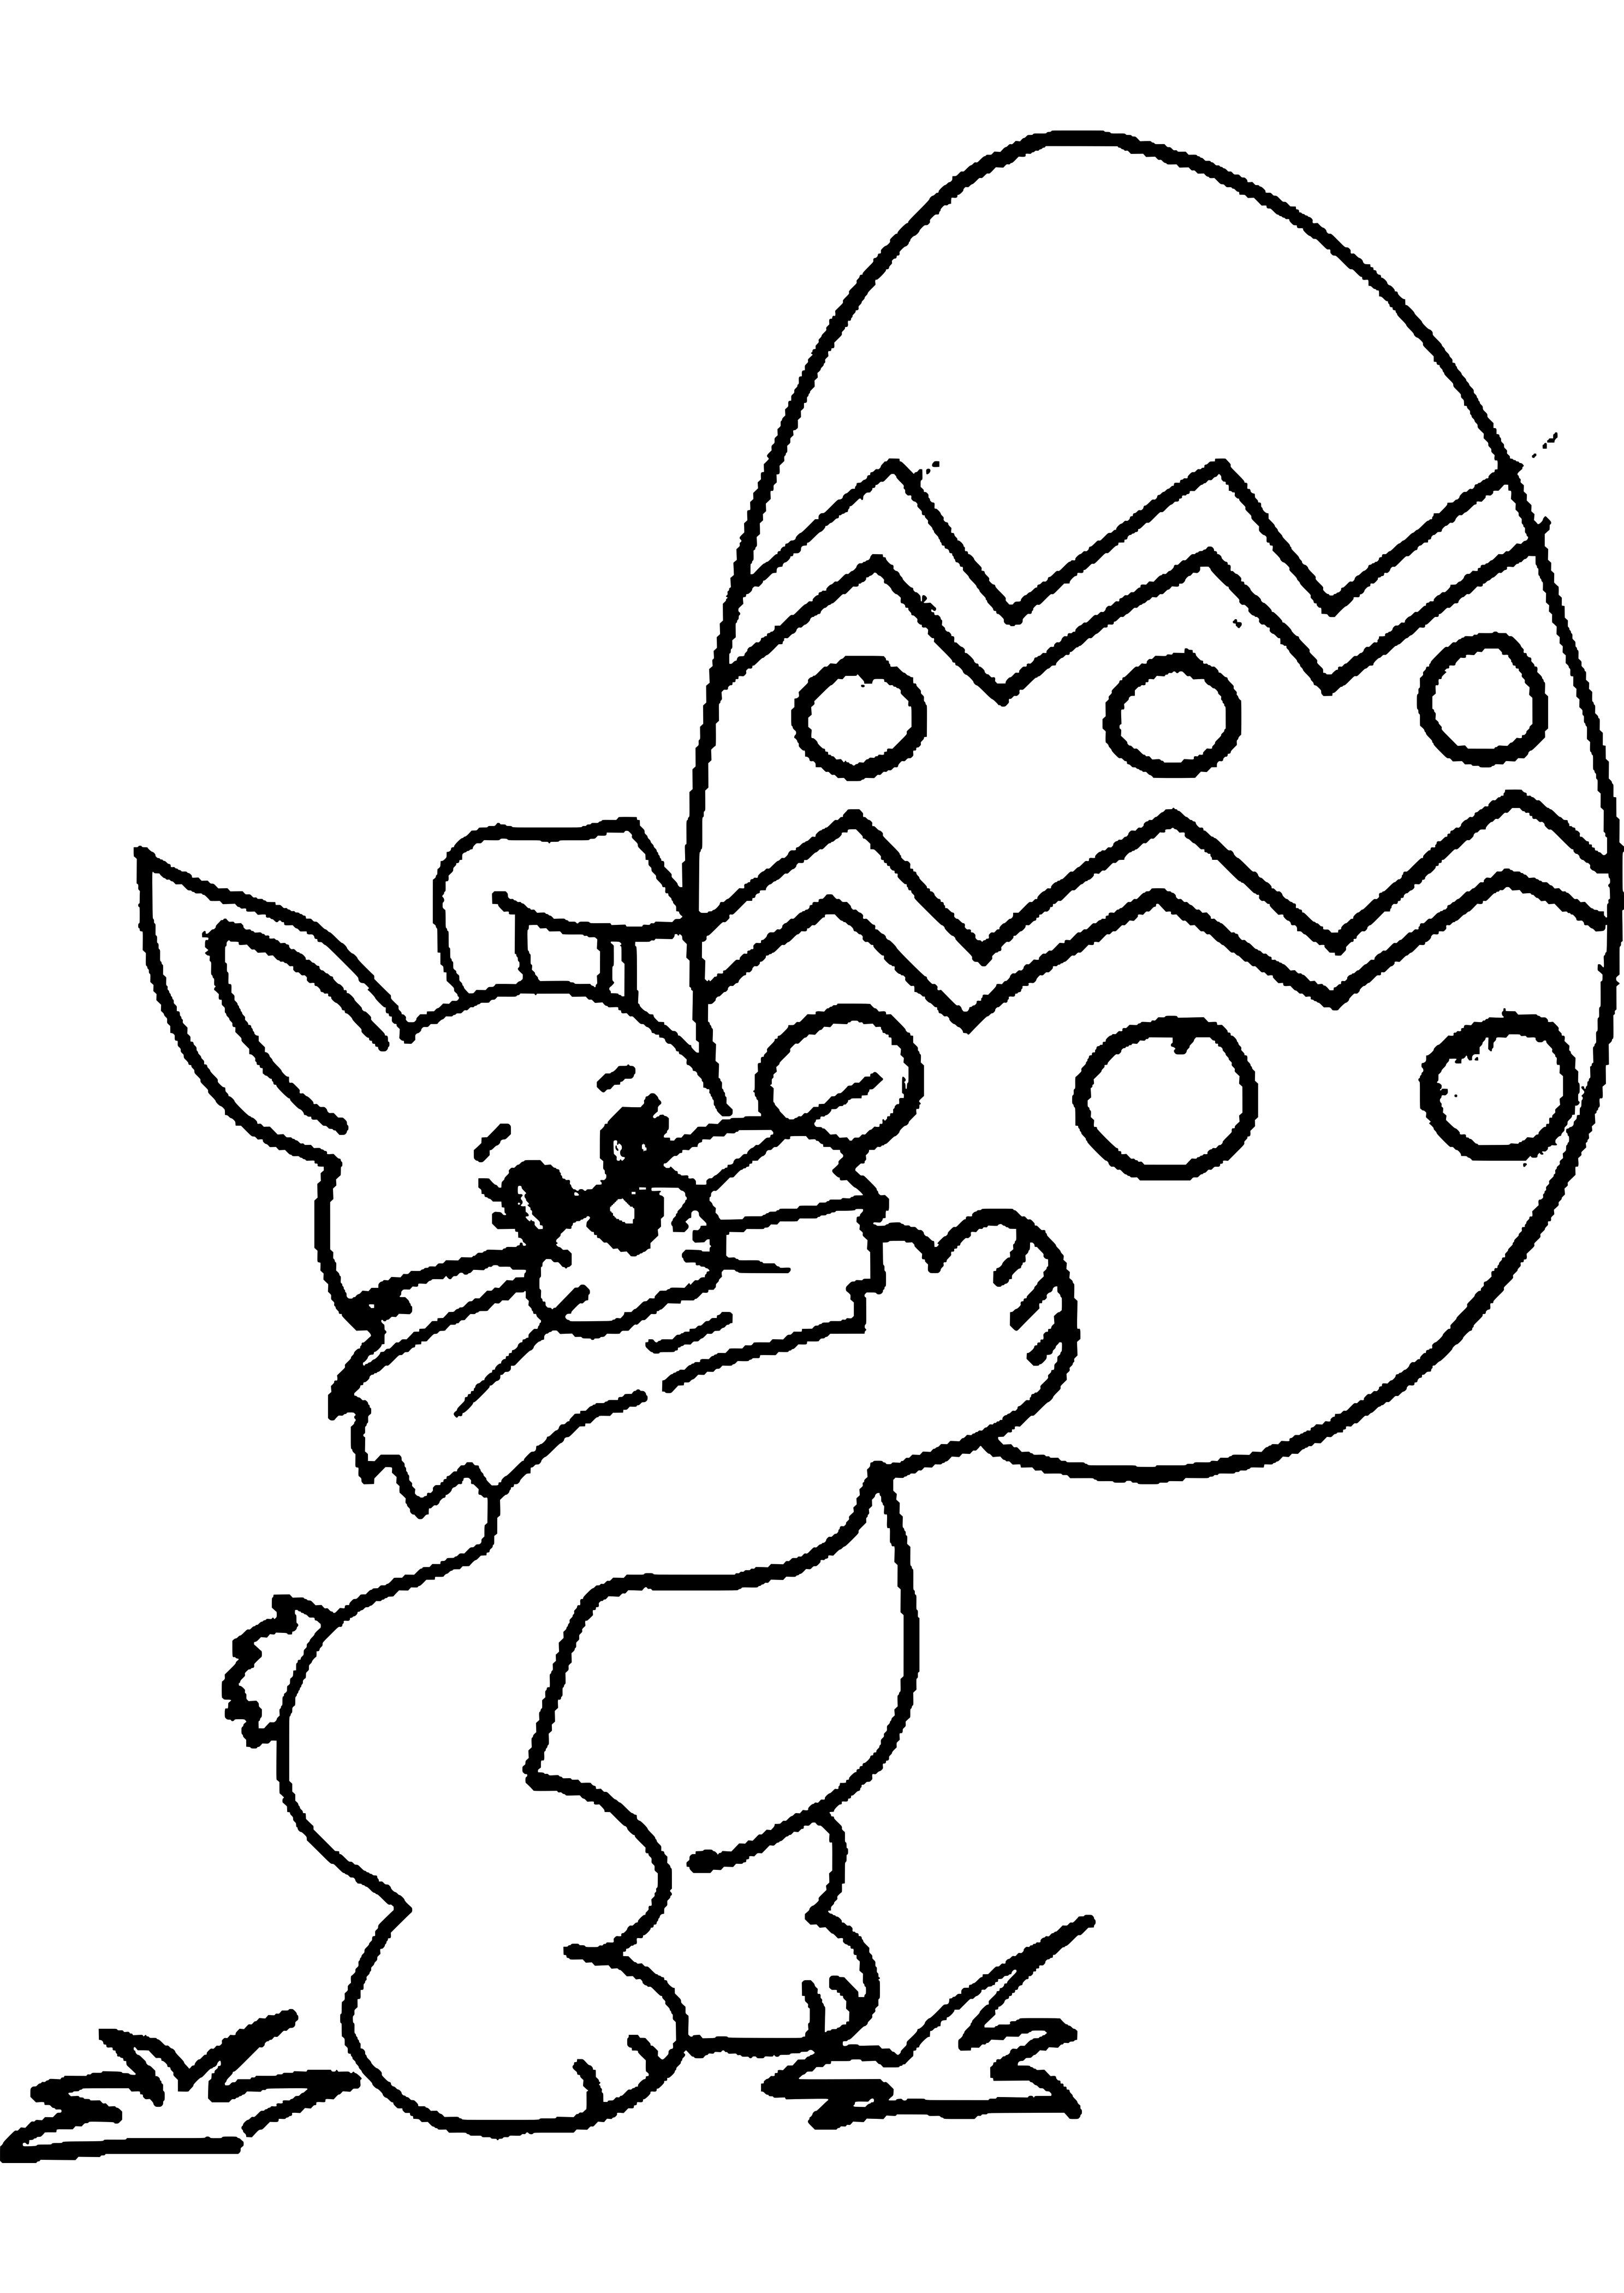 Ausmalbilder Frohe Ostern Genial Malvorlagen Frohe Ostern Zum Drucken Schön Frohe Ostern Ausmalbilder Stock